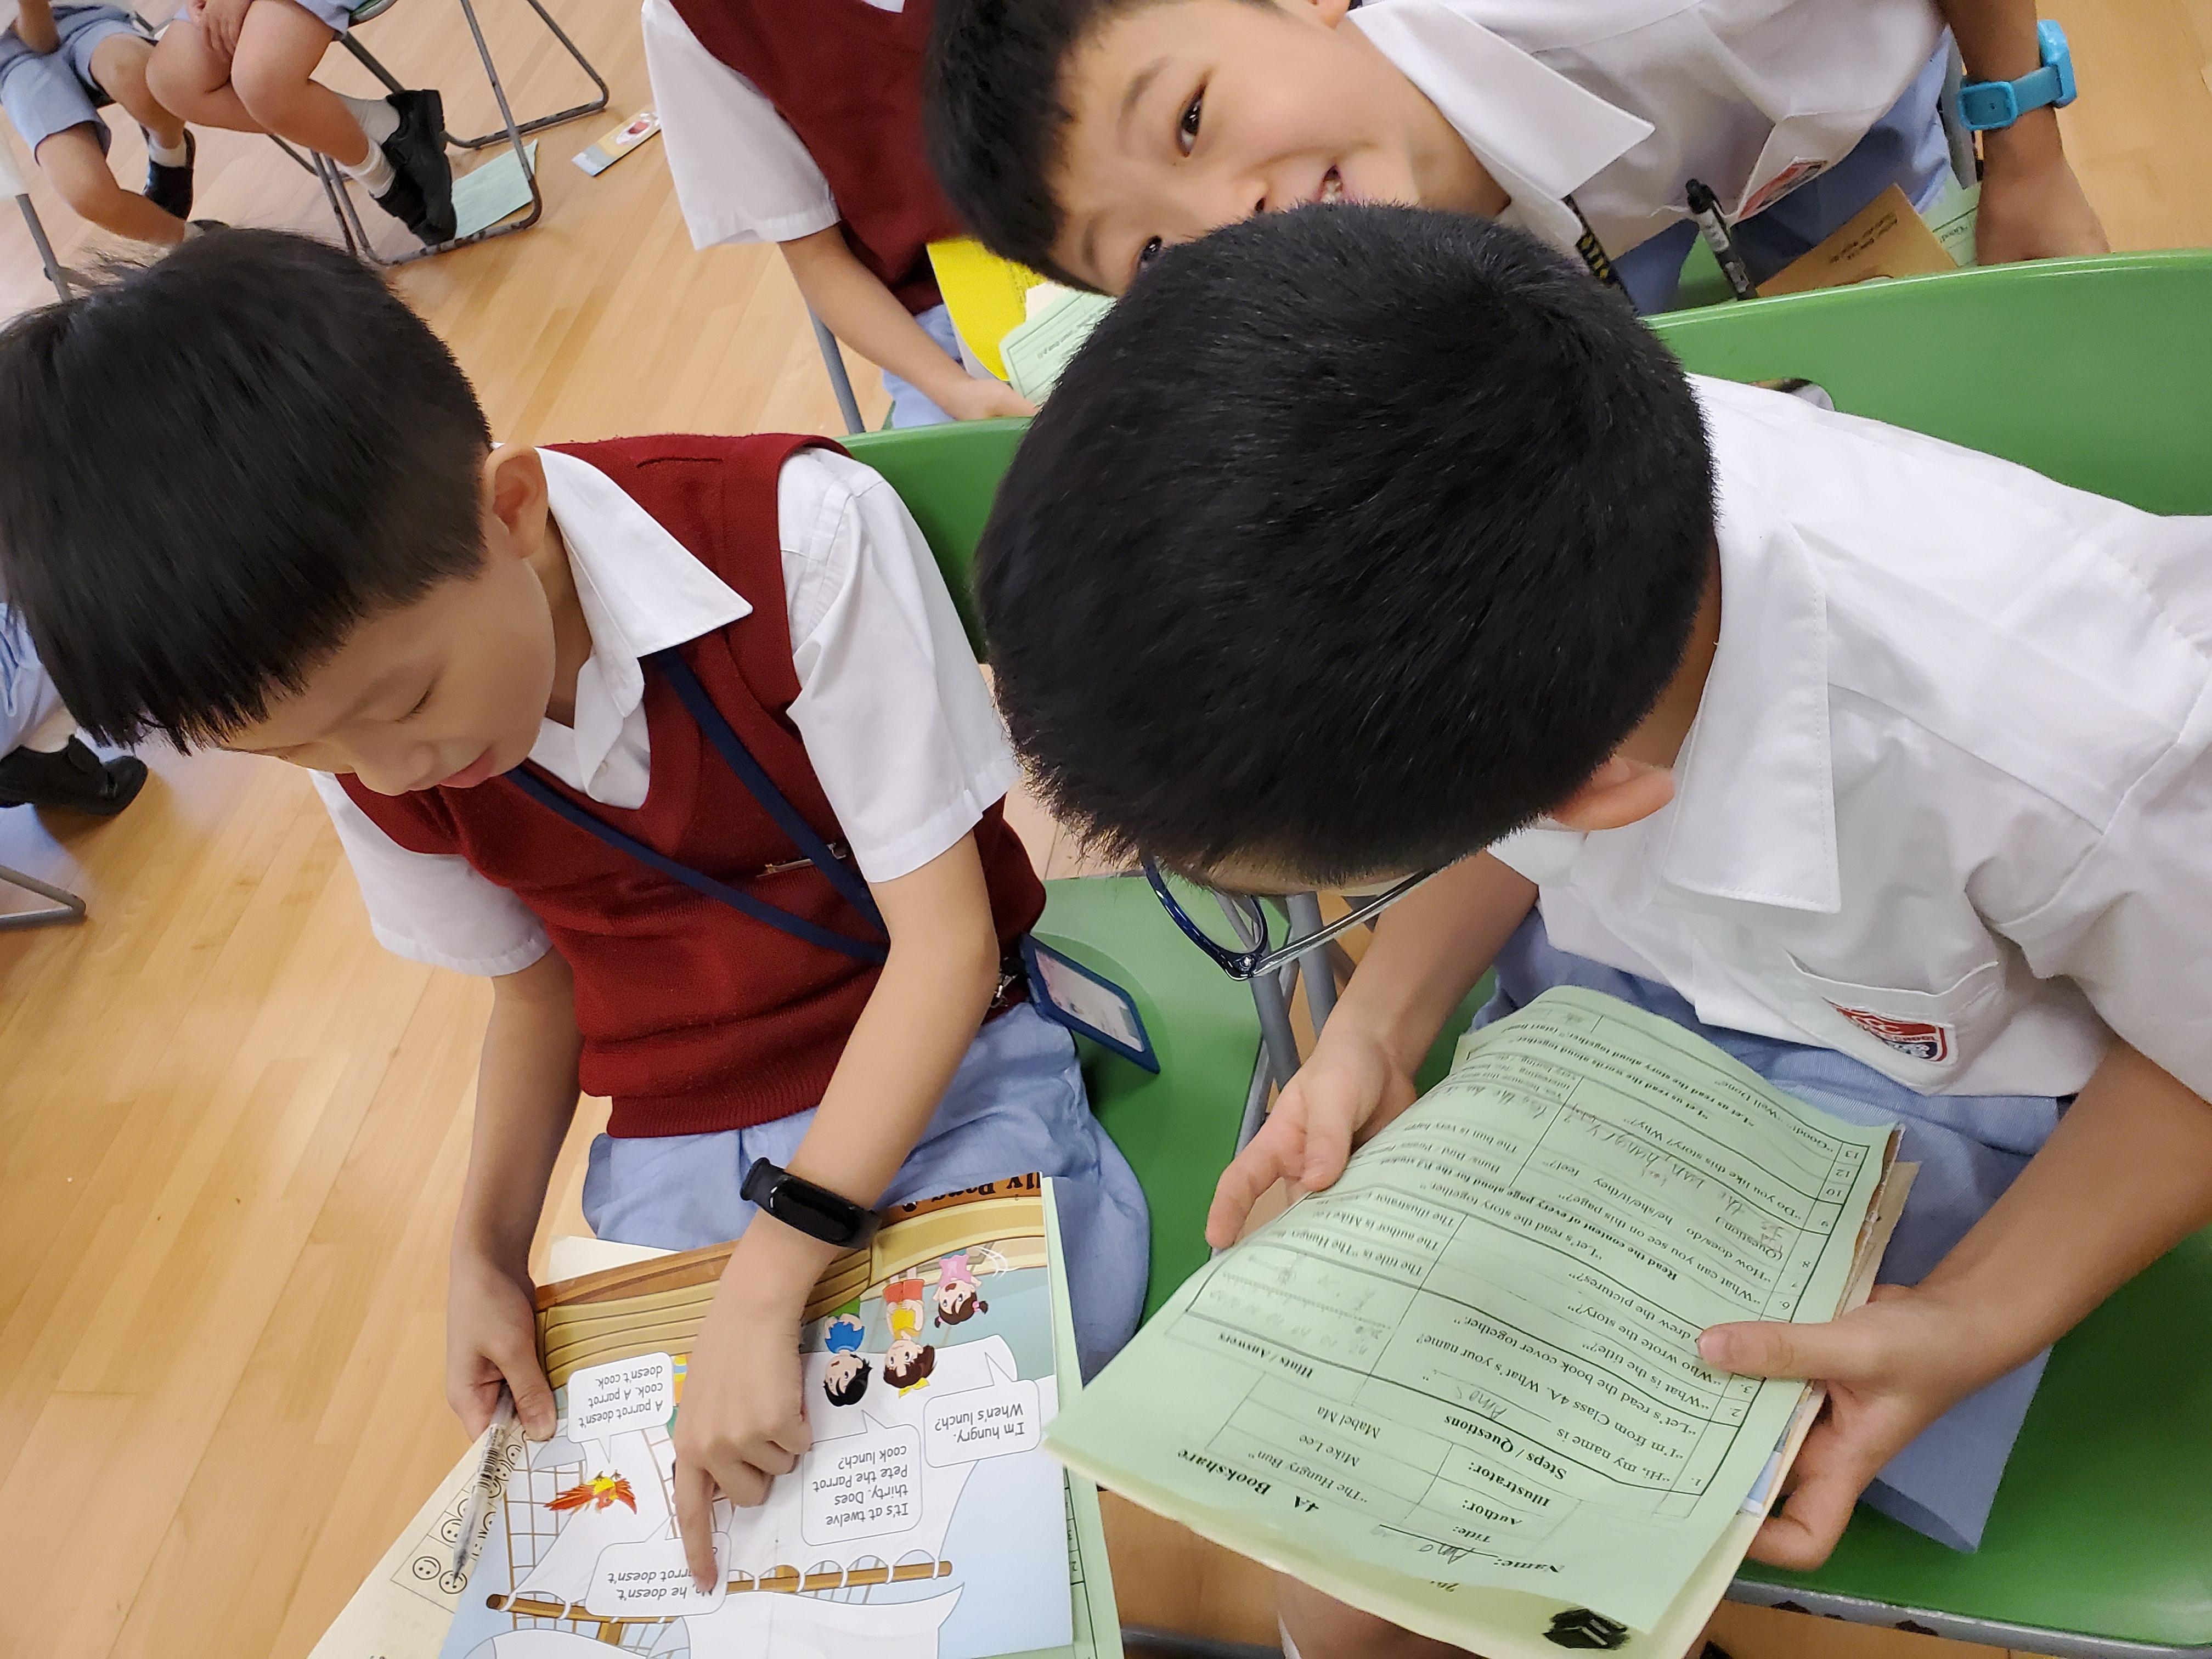 http://www.keiwan.edu.hk/sites/default/files/20191016_133813.jpg